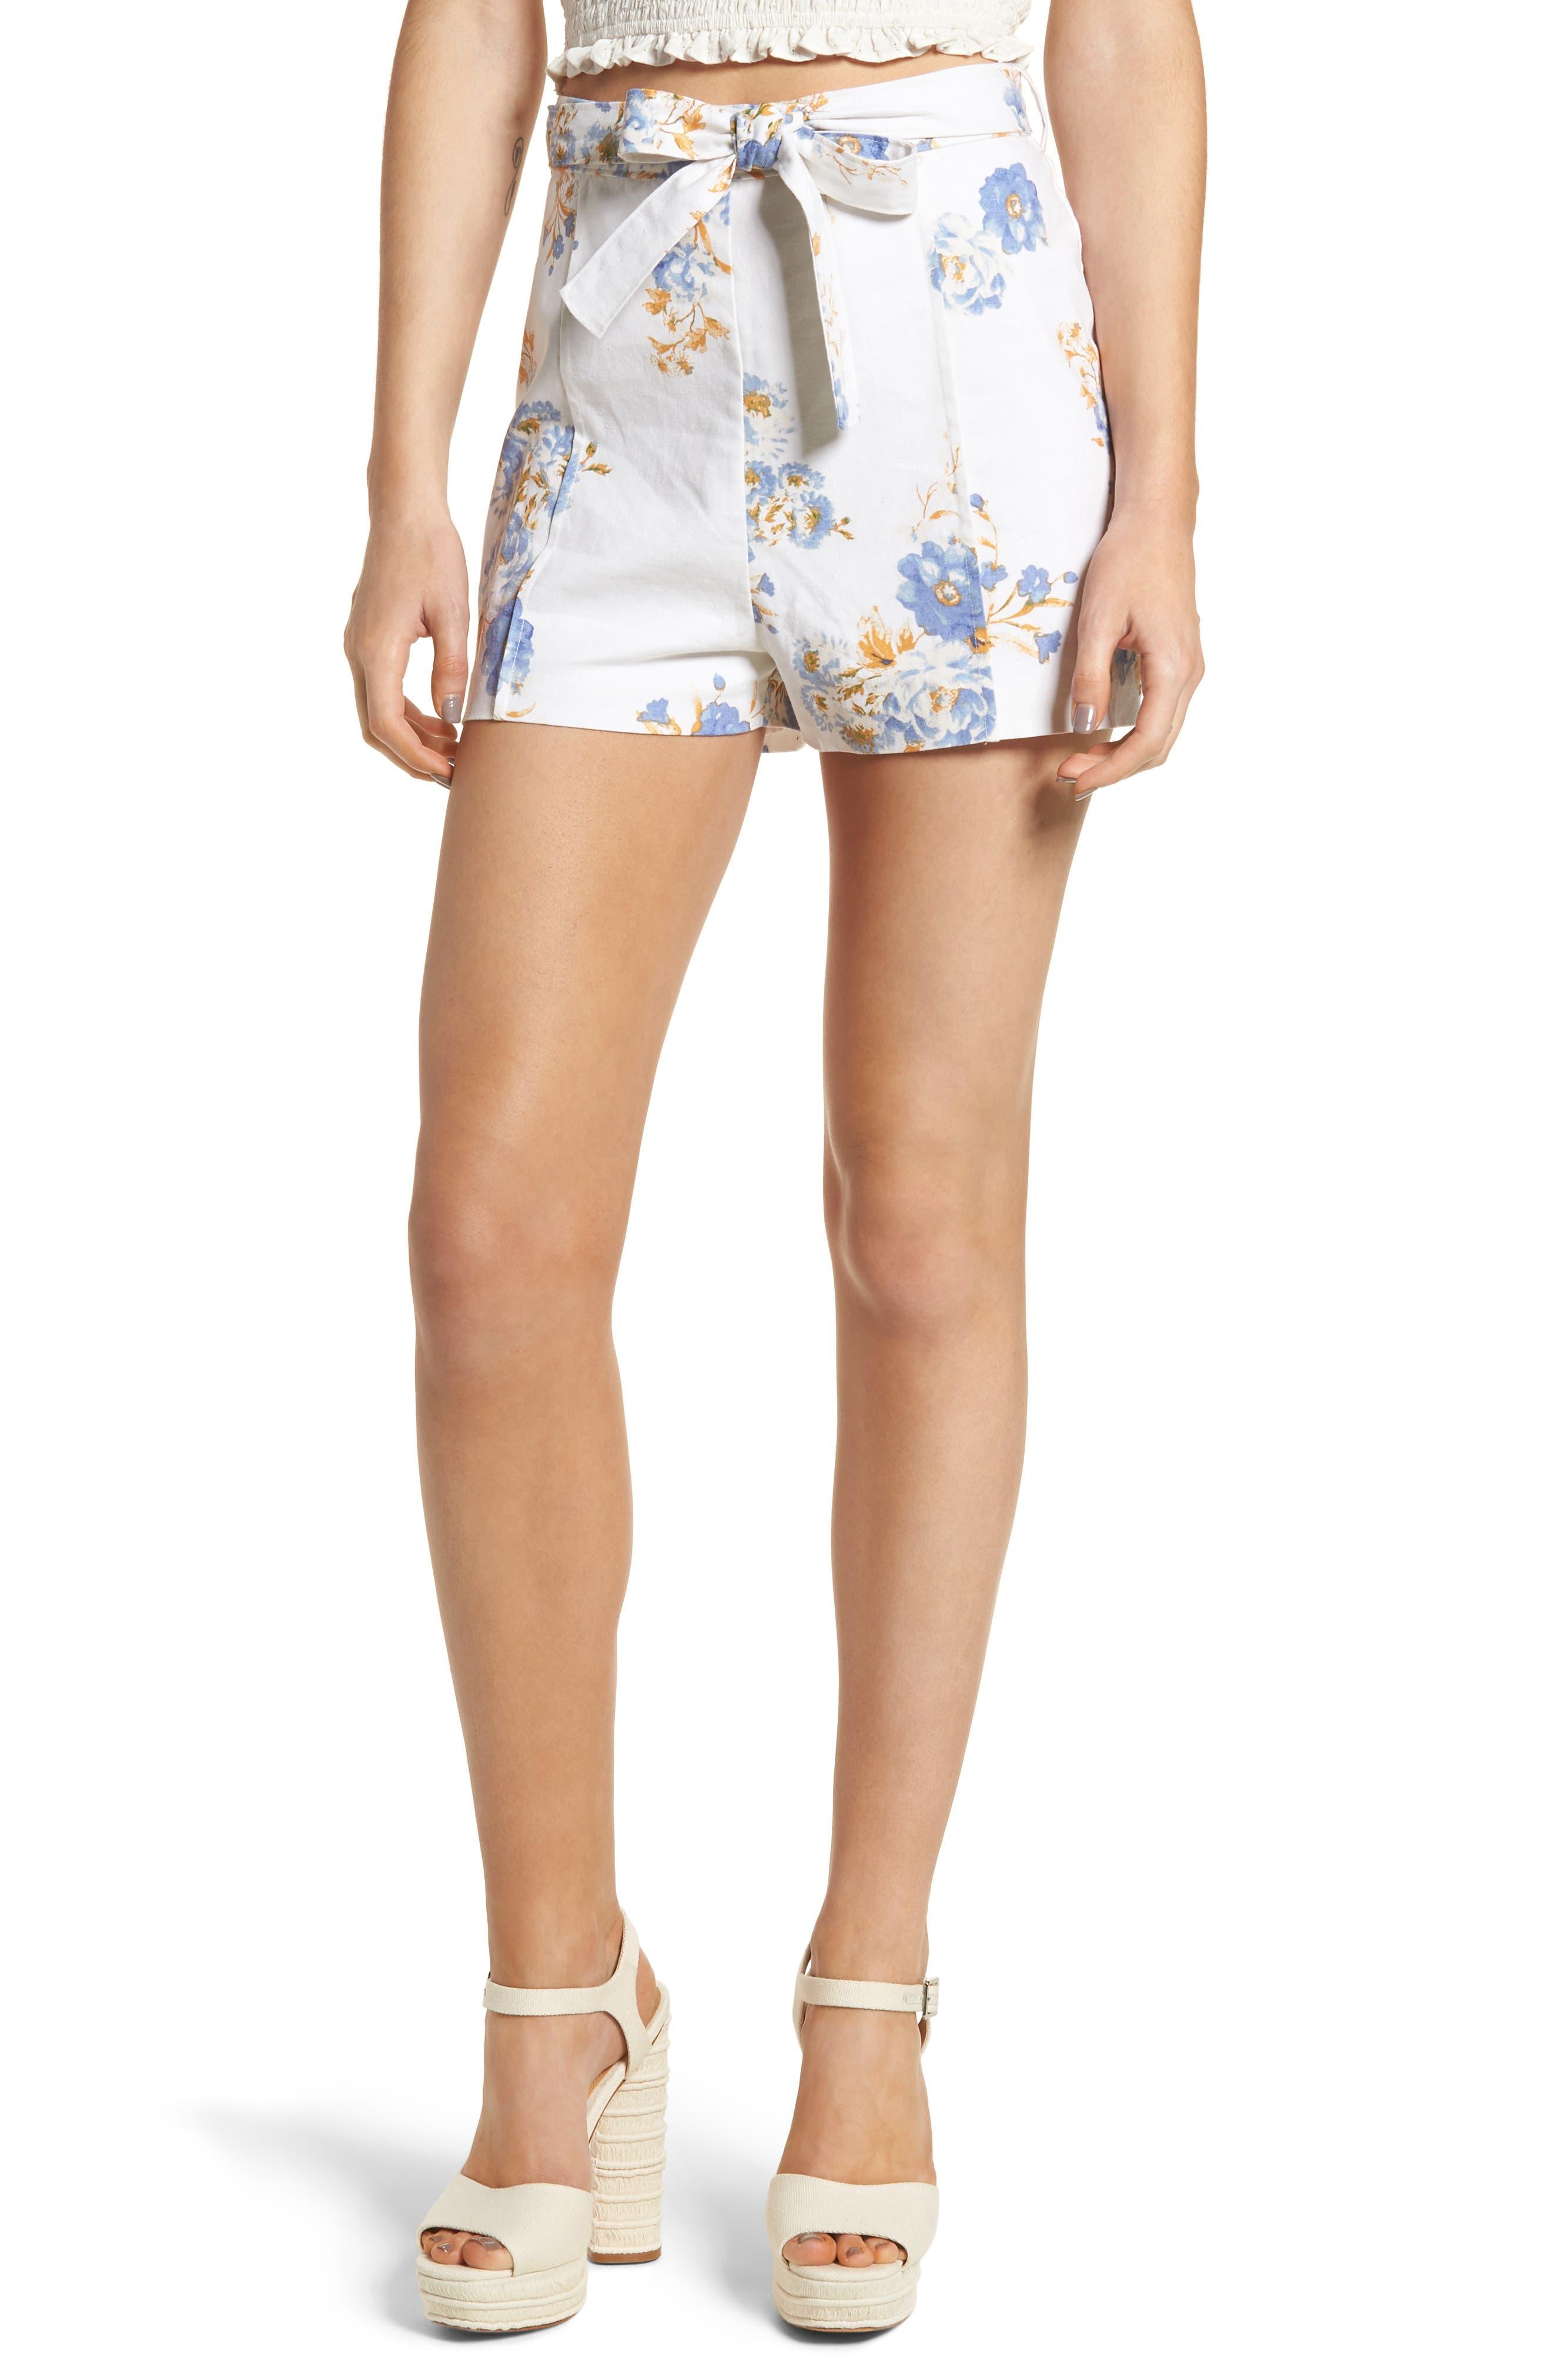 Matera High Waist Shorts,                             Main thumbnail 1, color,                             Ivory Floral